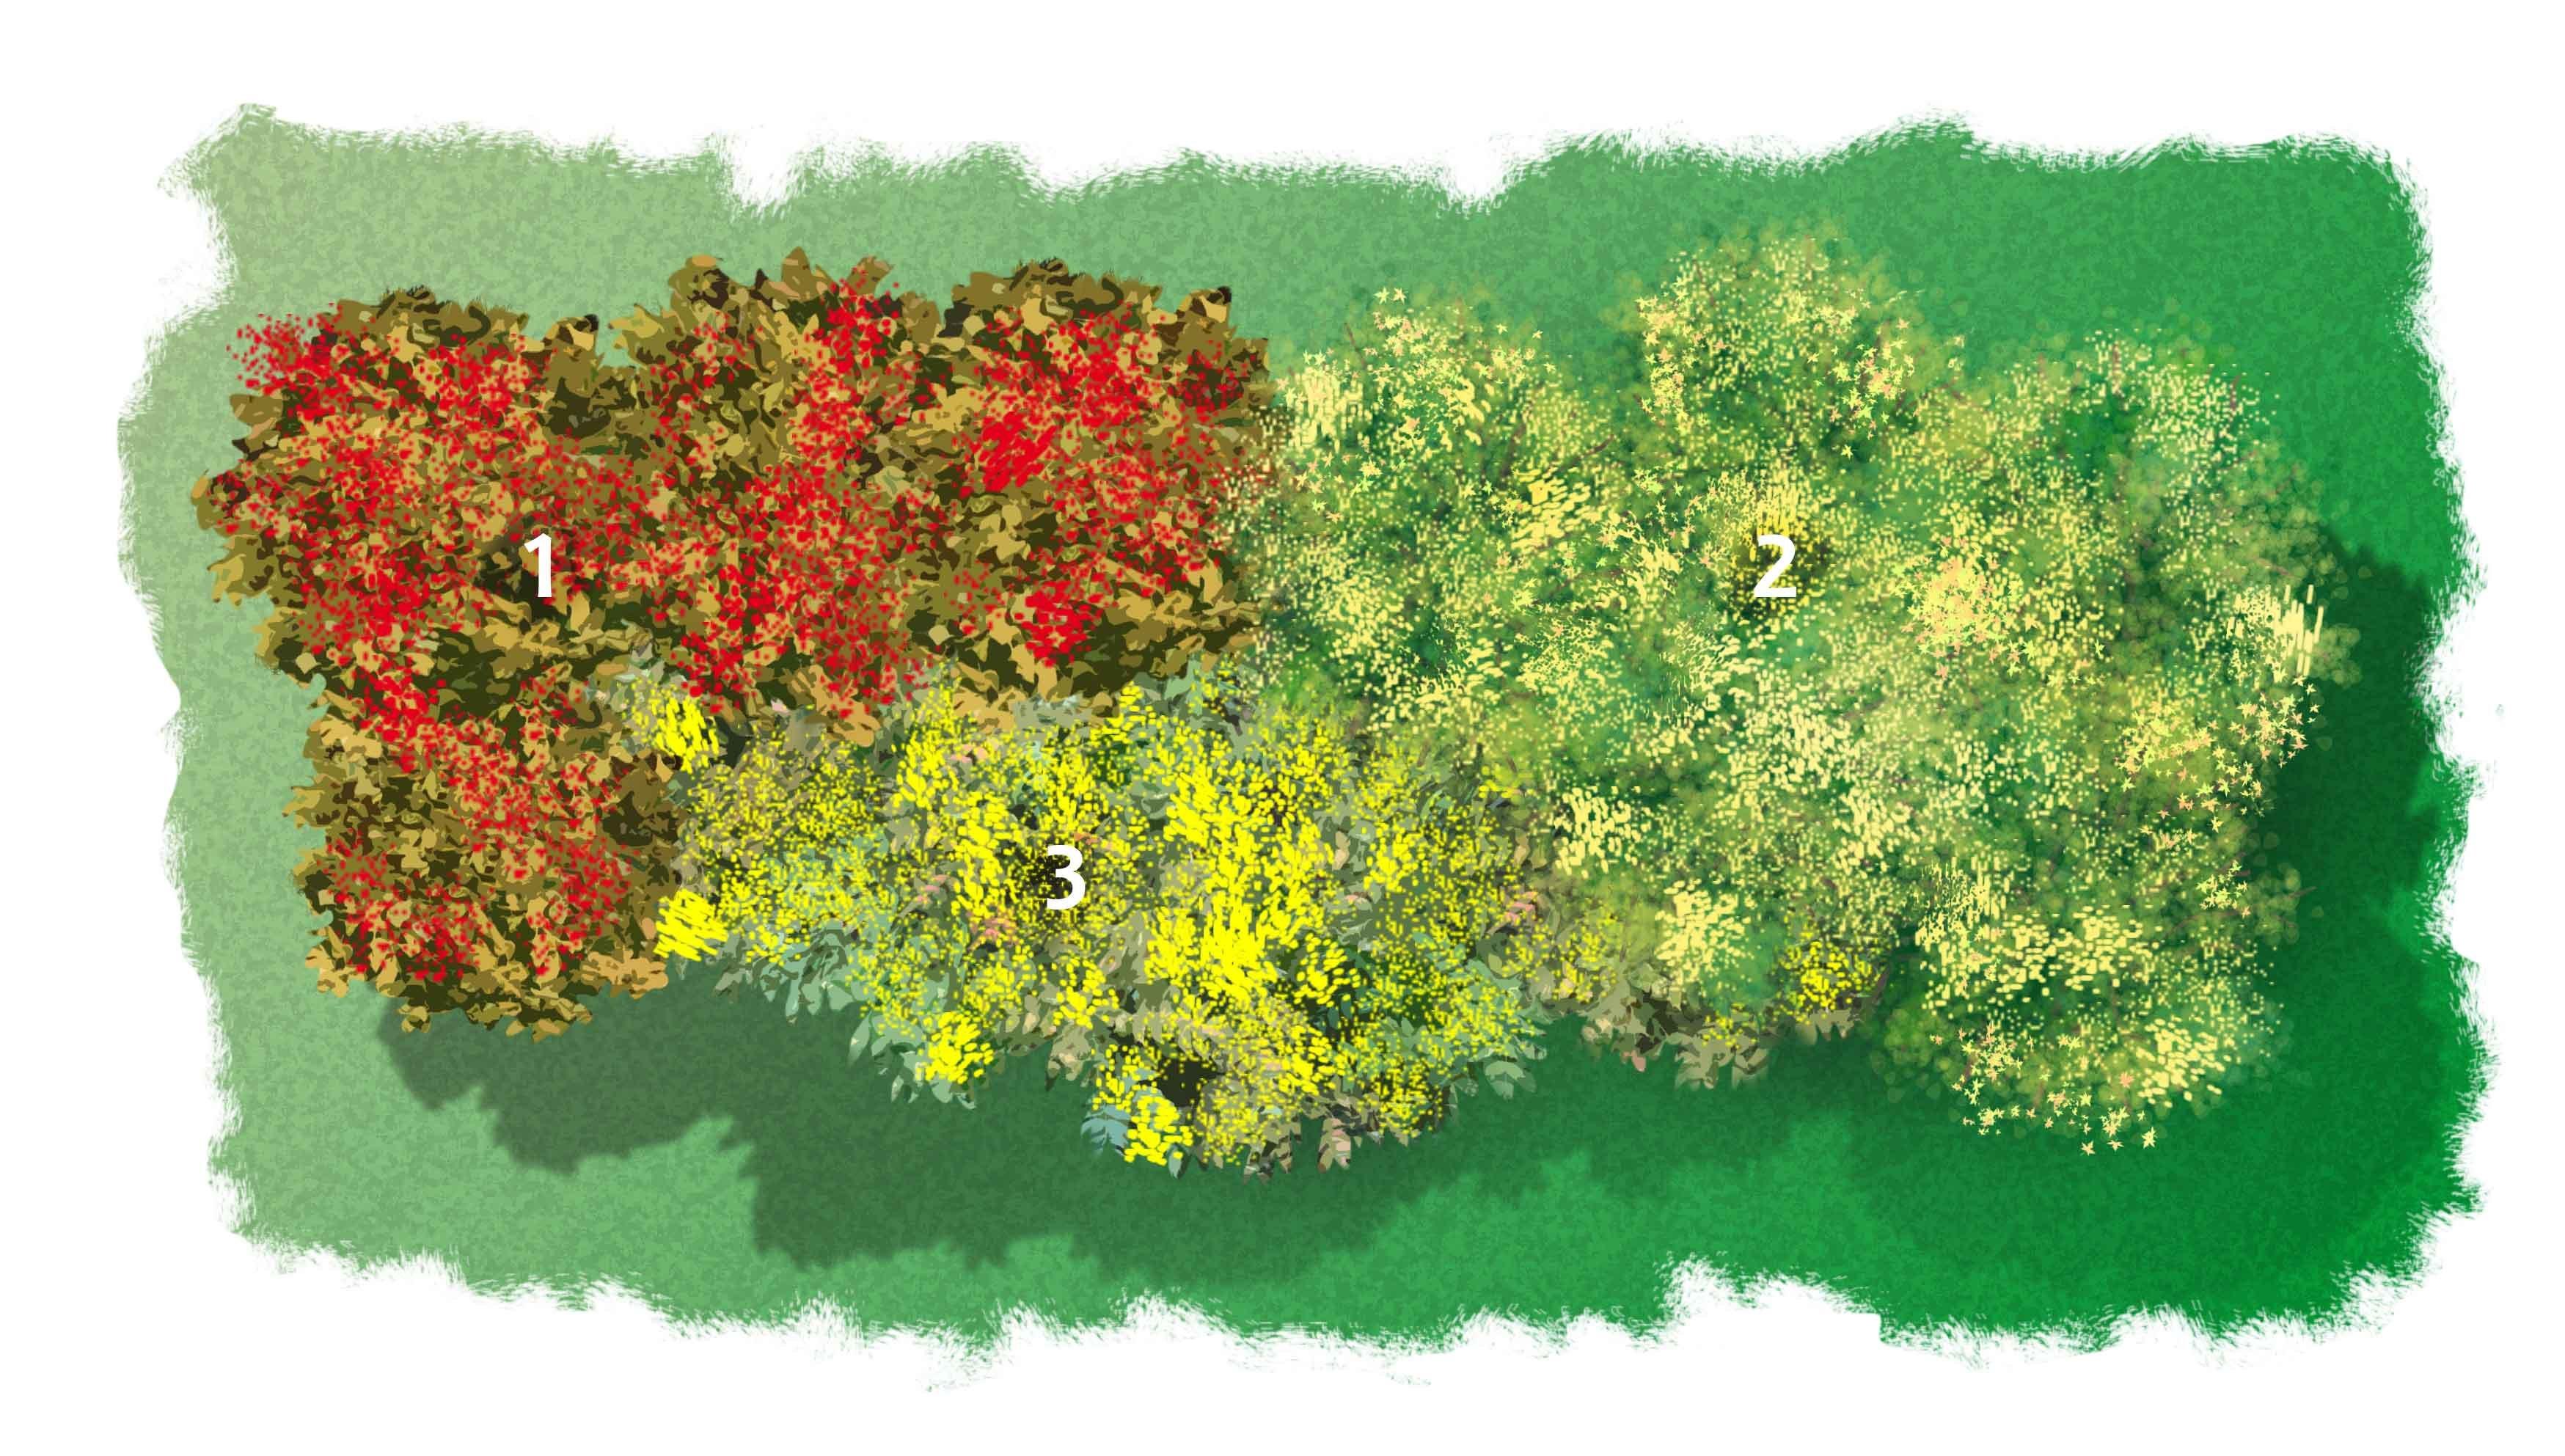 Progettare Un Giardino In Campagna progettare l'aiuola profumata d'inverno - cose di casa